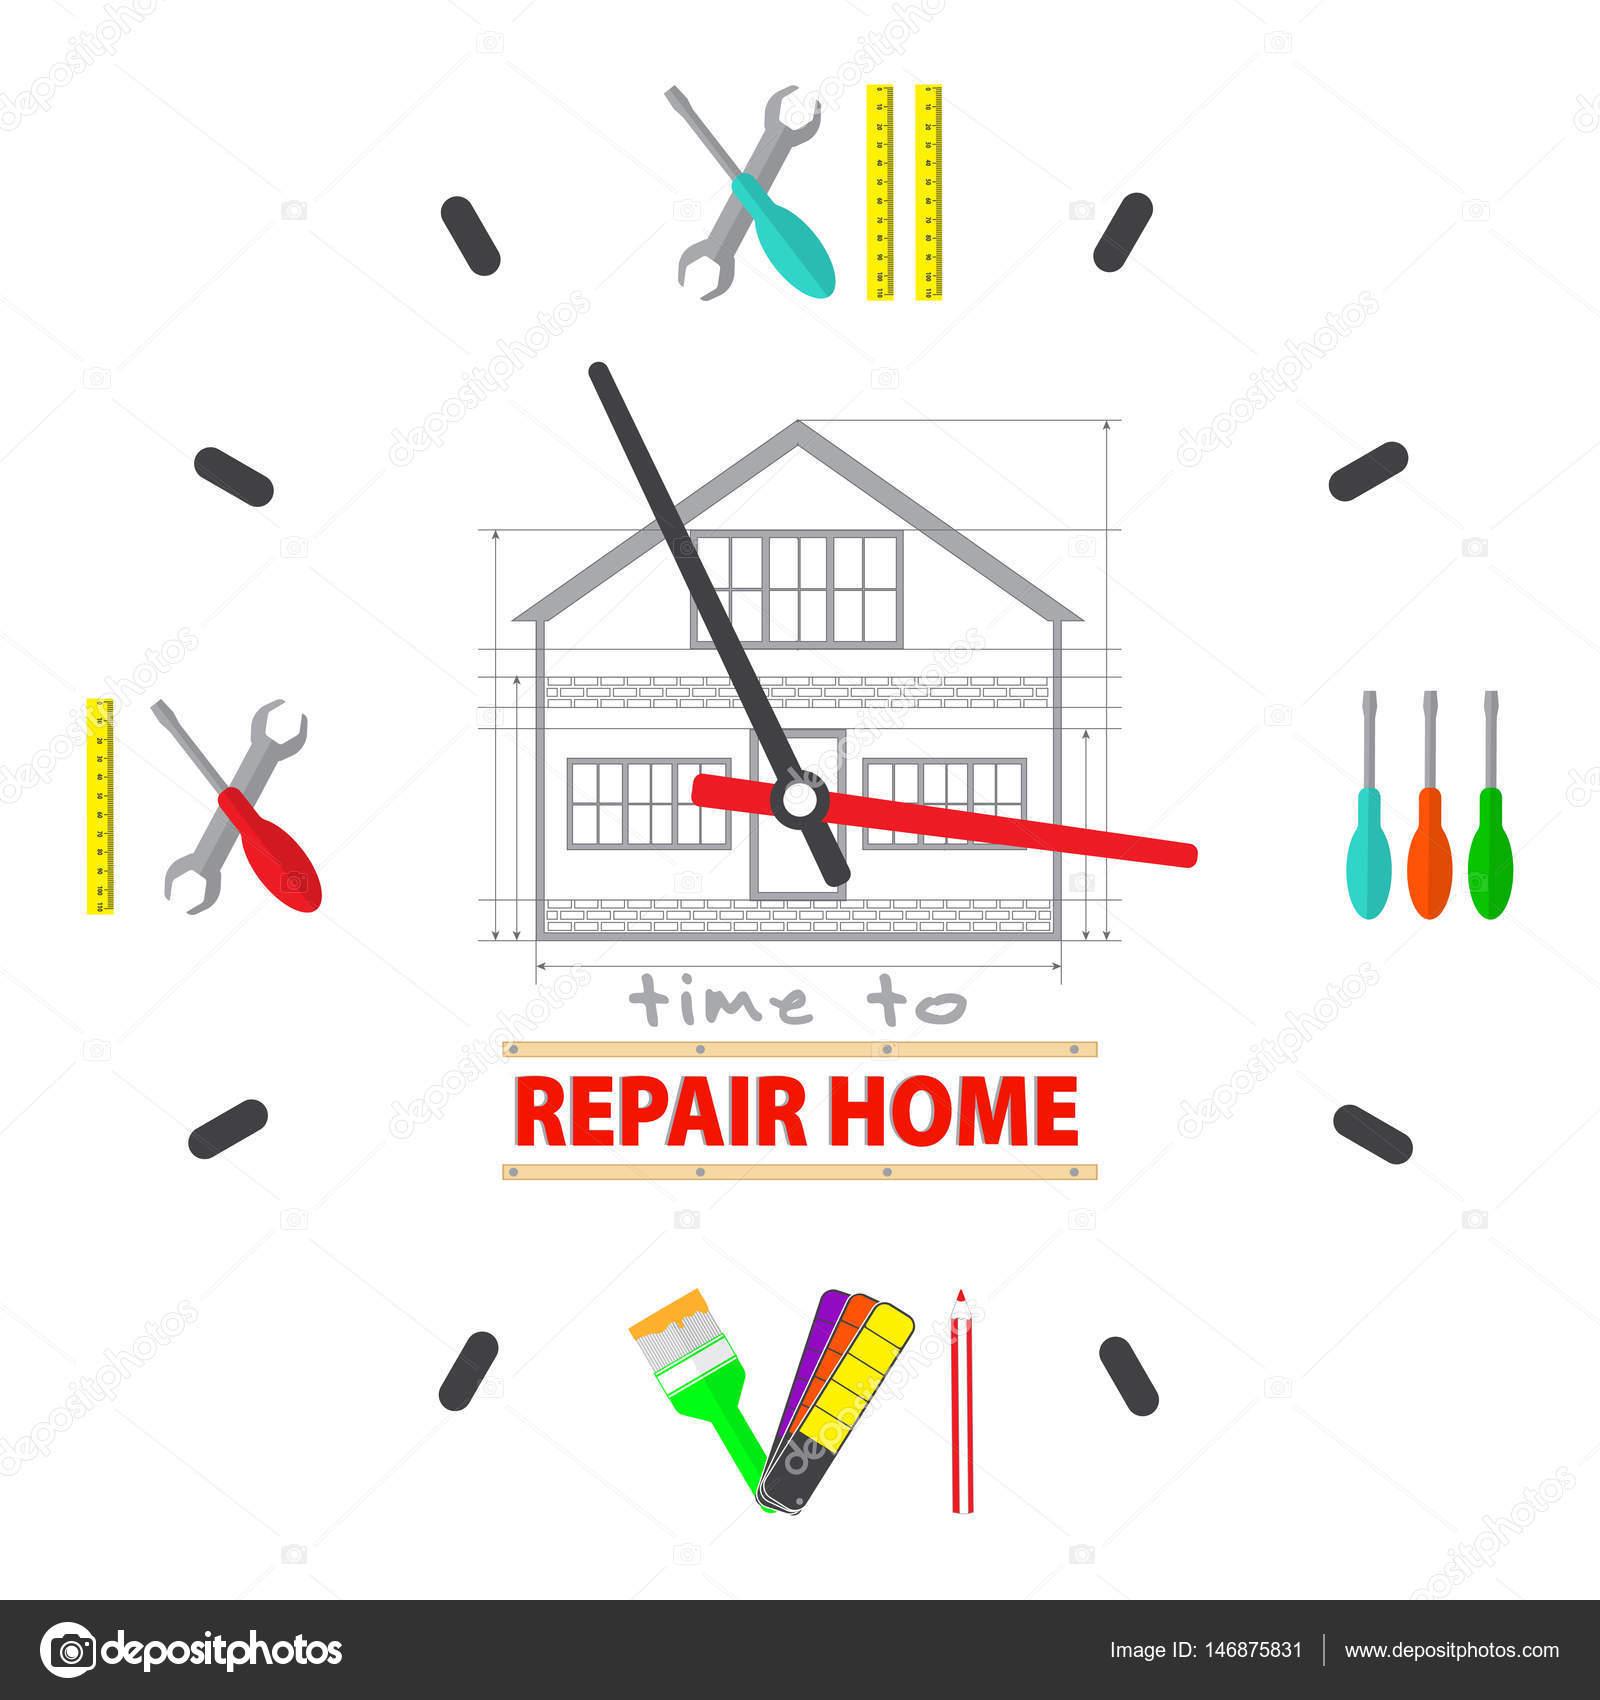 f68641e105e907 Tijd om te herstellen van huis concept. Horloge wijzerplaat zit een  gereedschap voor de reparatie